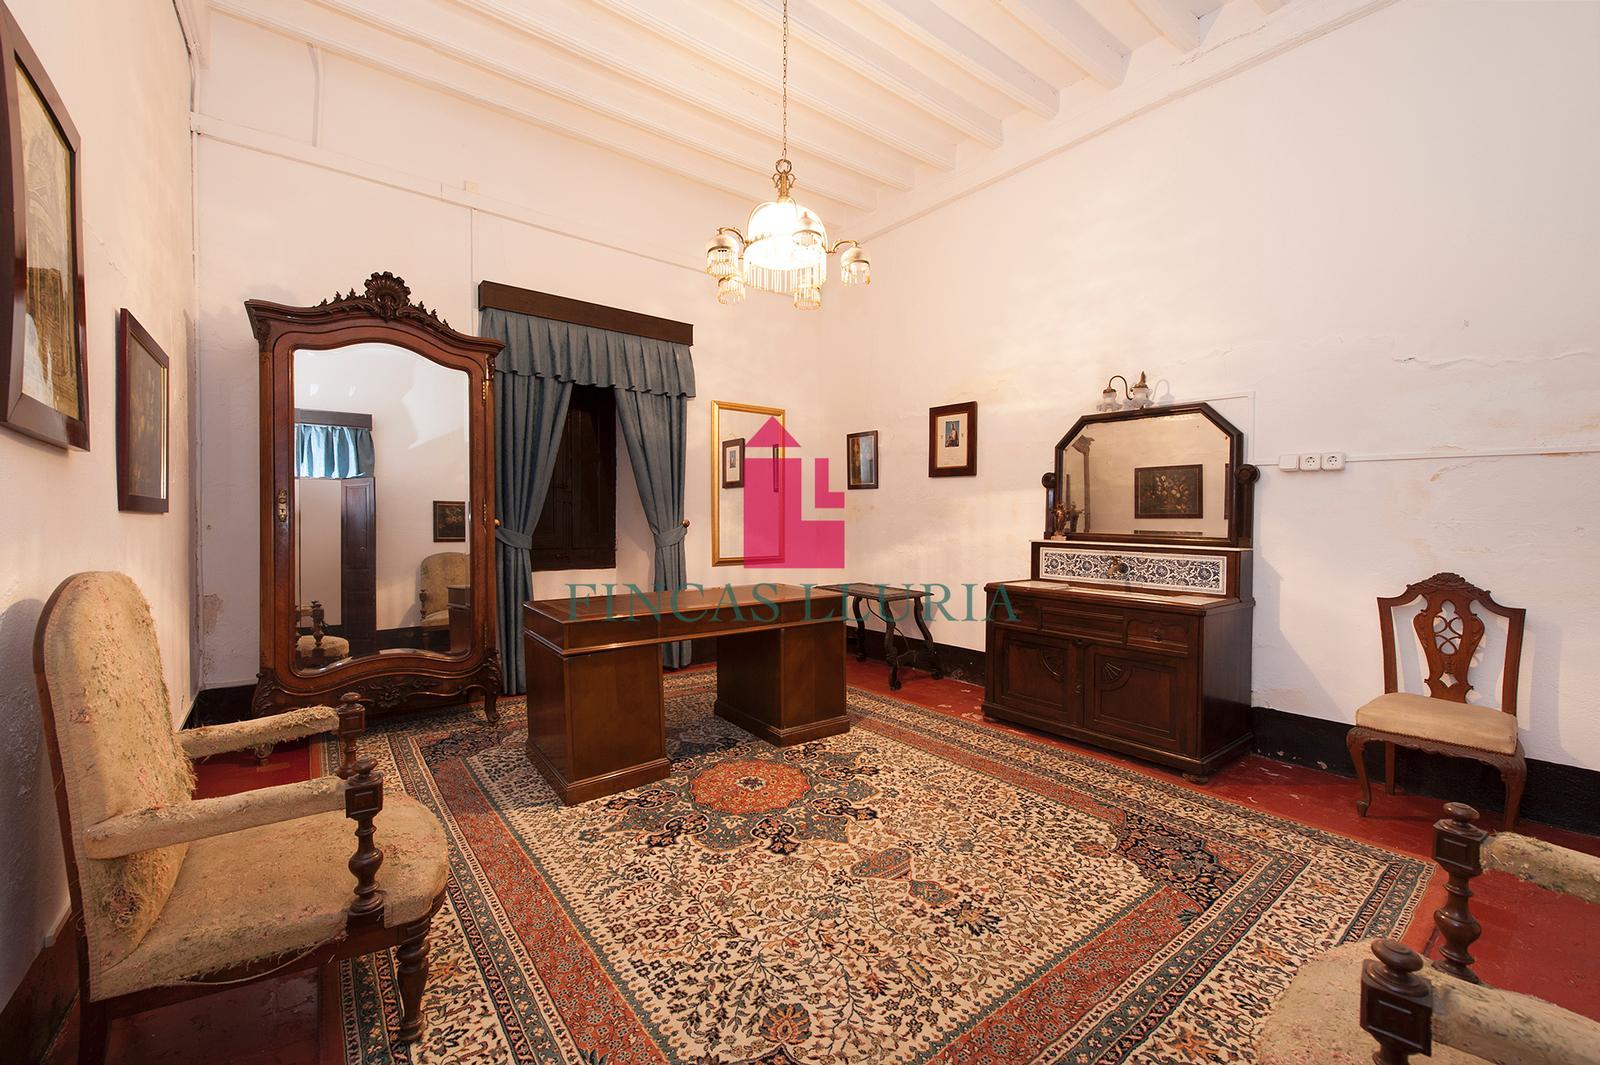 Ref.: 30632 - HOTEL A ESPARREGUERA DEL SEGLE XIV